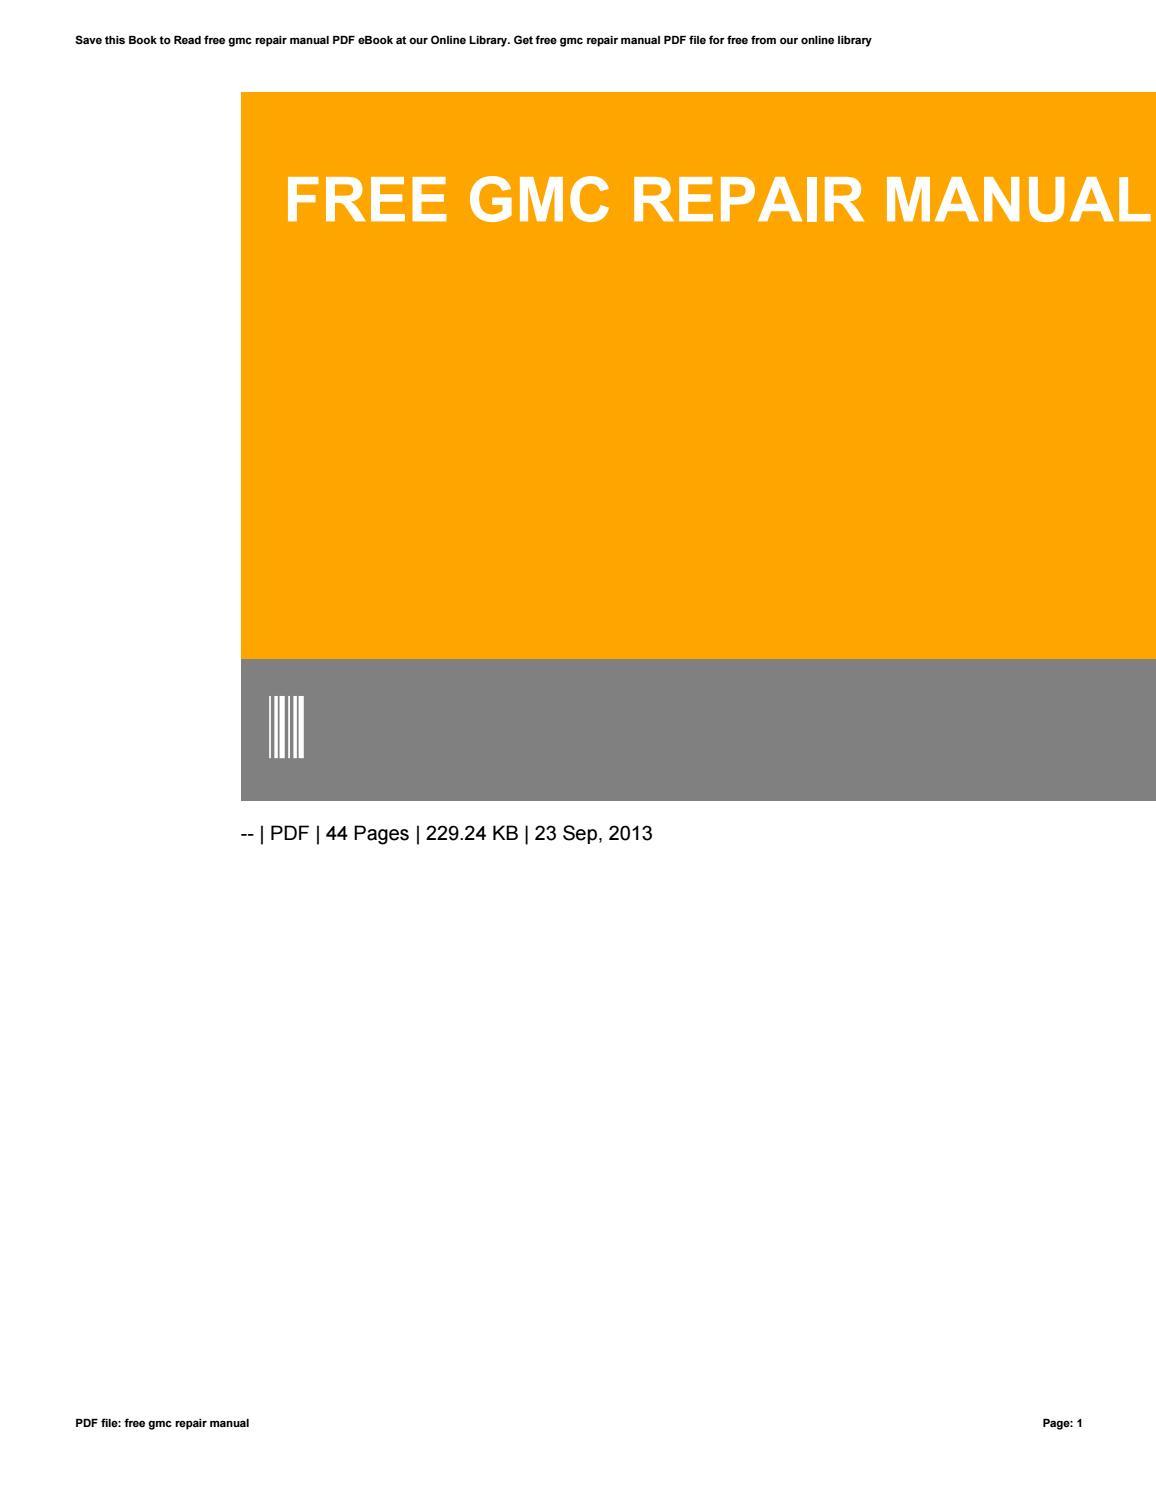 online gmc repair manuals